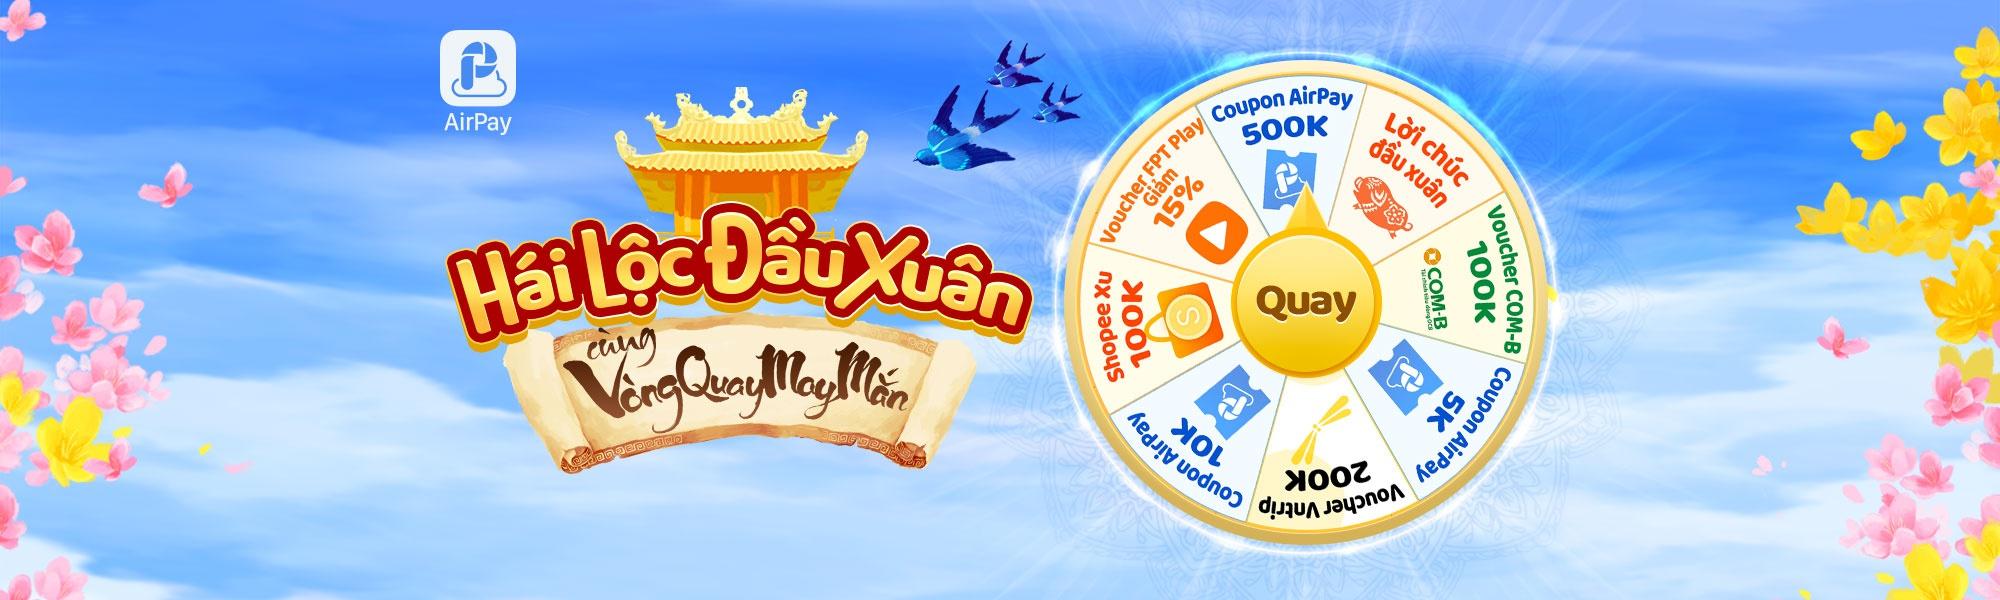 the-le-chuong-trinh-hai-loc-dau-xuan